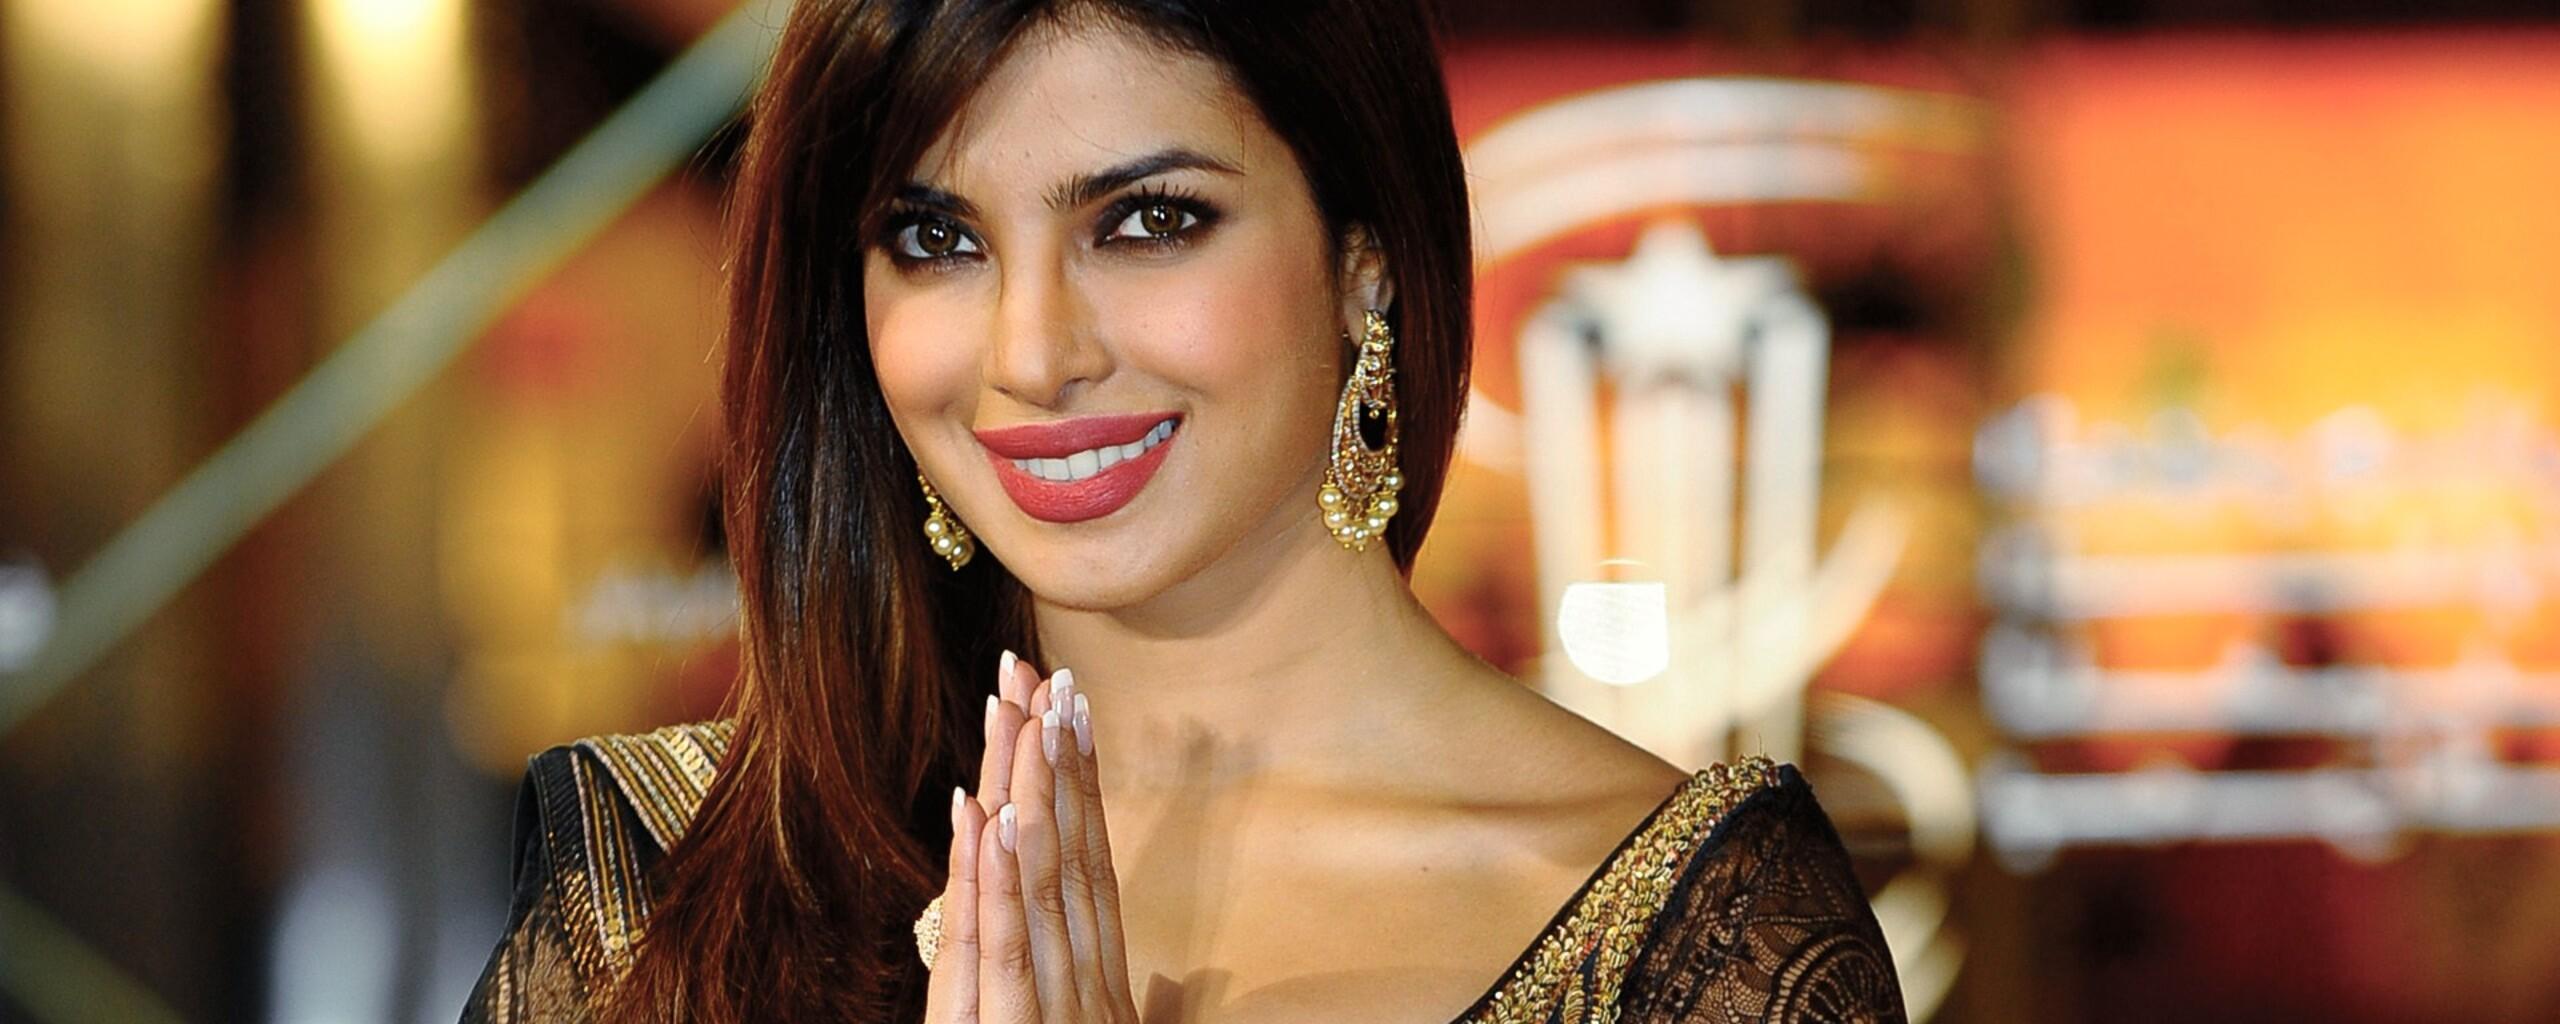 priyanka-chopra-indian-girl.jpg